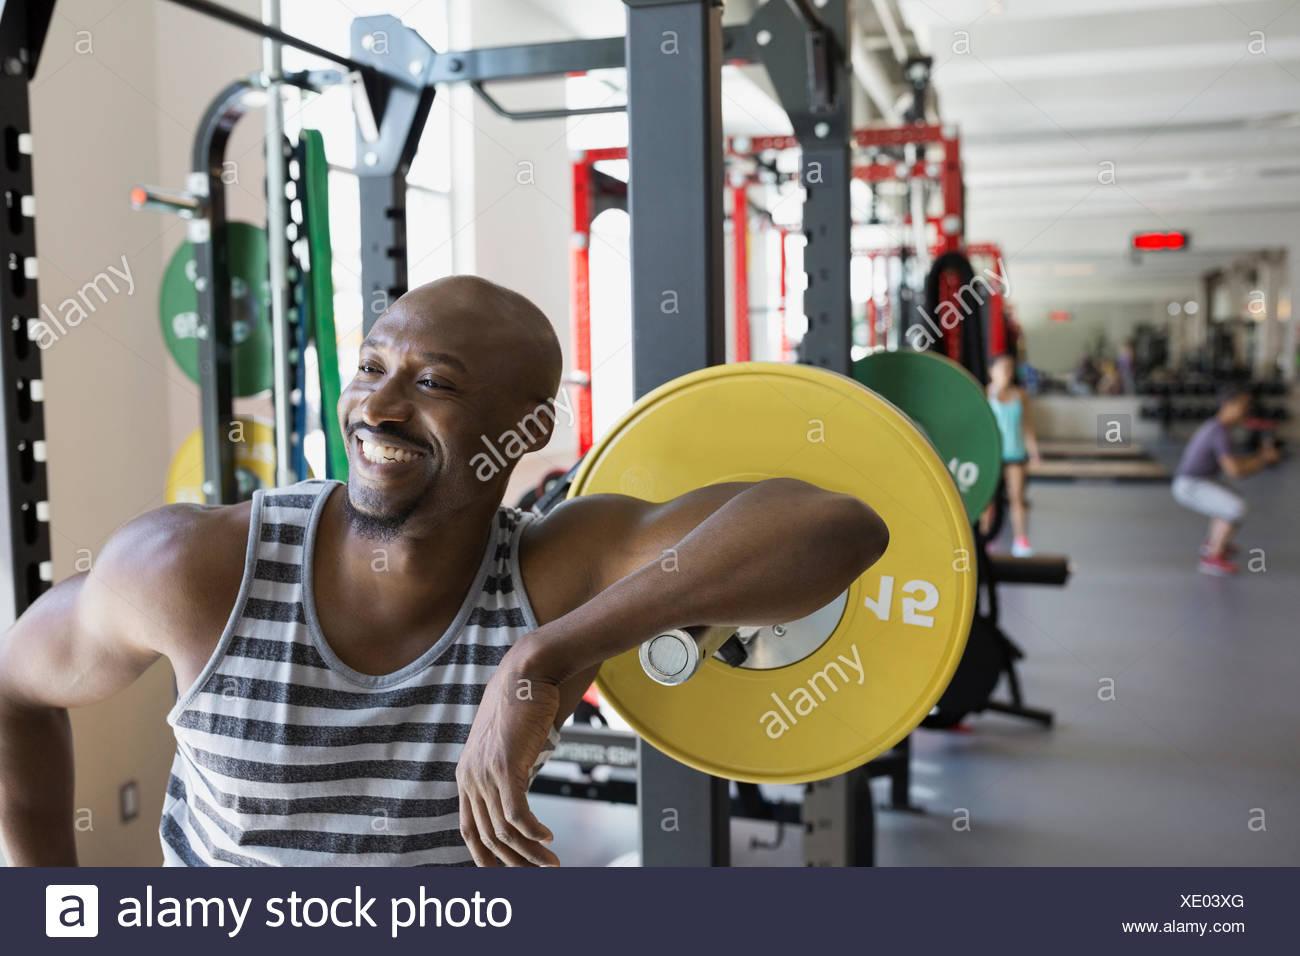 Entusiastico uomo appoggiato su barbell in palestra Foto Stock